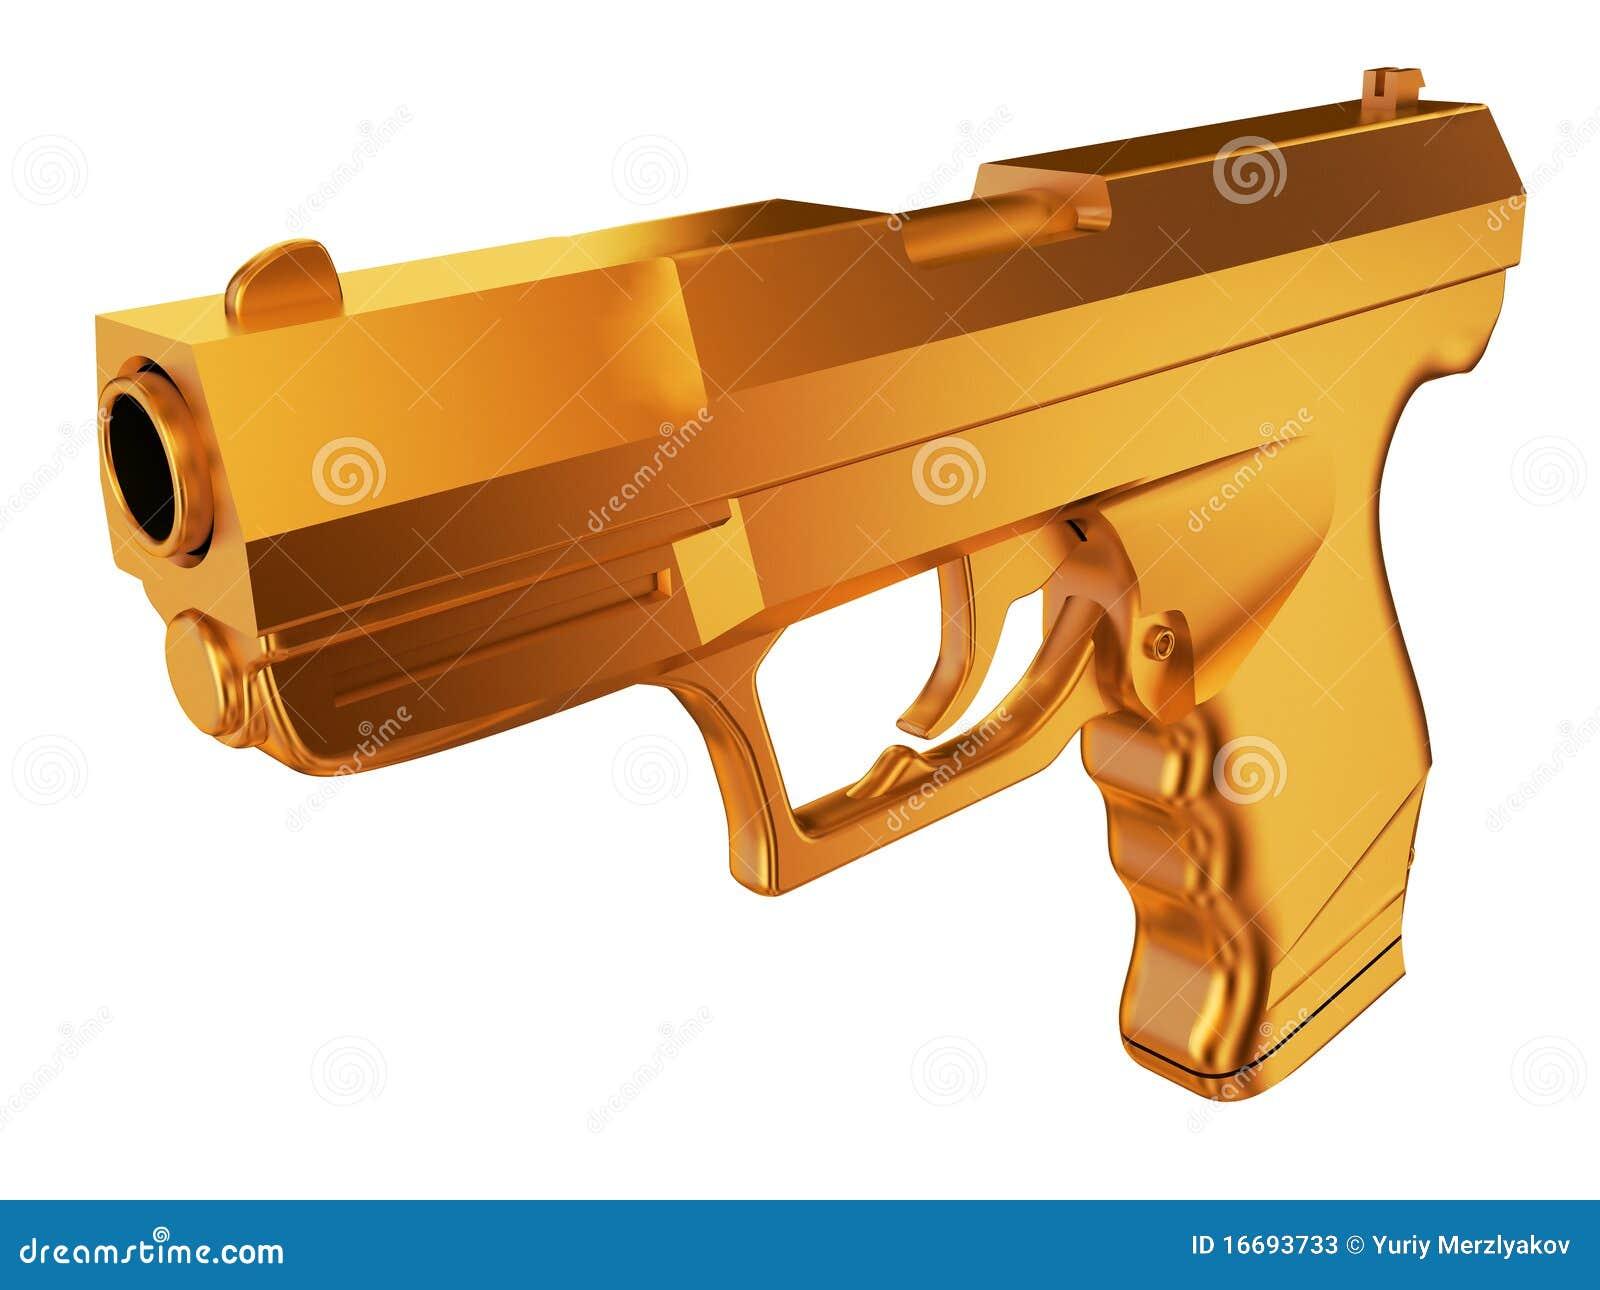 Golden gun. Semi-automatic pistol is a type of handgun. Computer ...